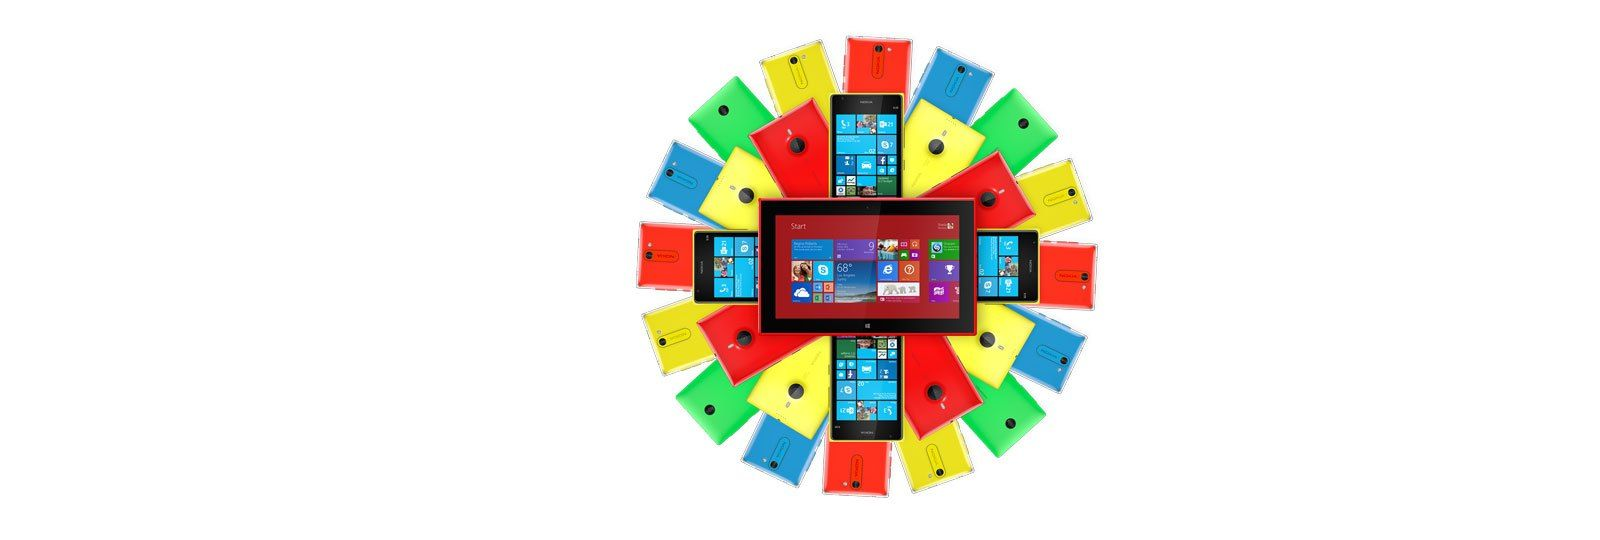 #Nokia es adquirida oficialmente por #Microsoft.